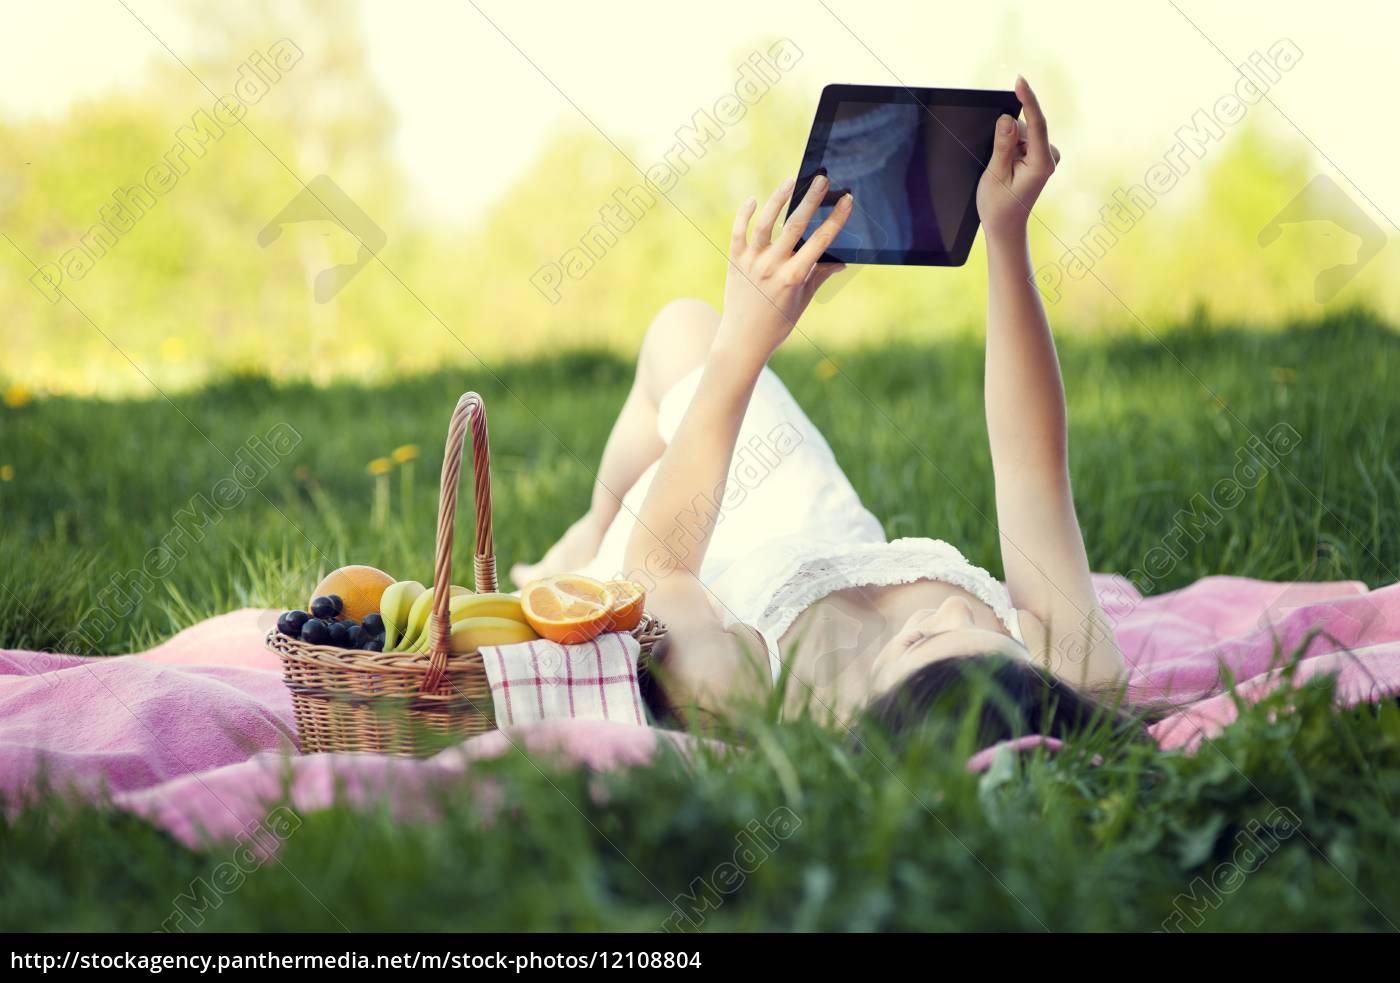 giovane, donna, che, usa, tablet, digitale - 12108804